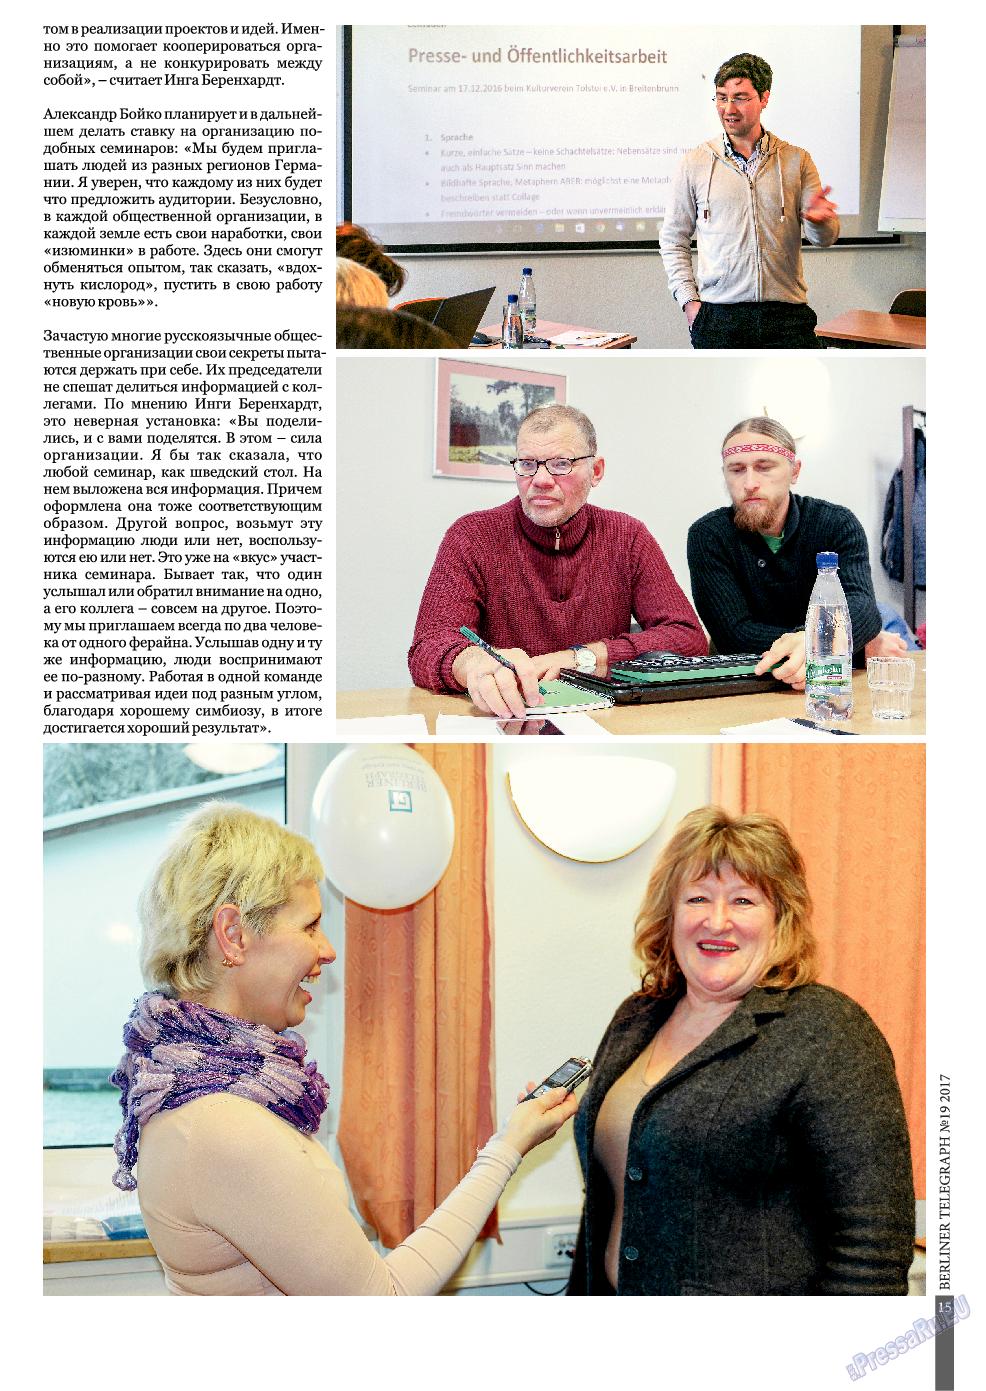 Берлинский телеграф (журнал). 2017 год, номер 19, стр. 15